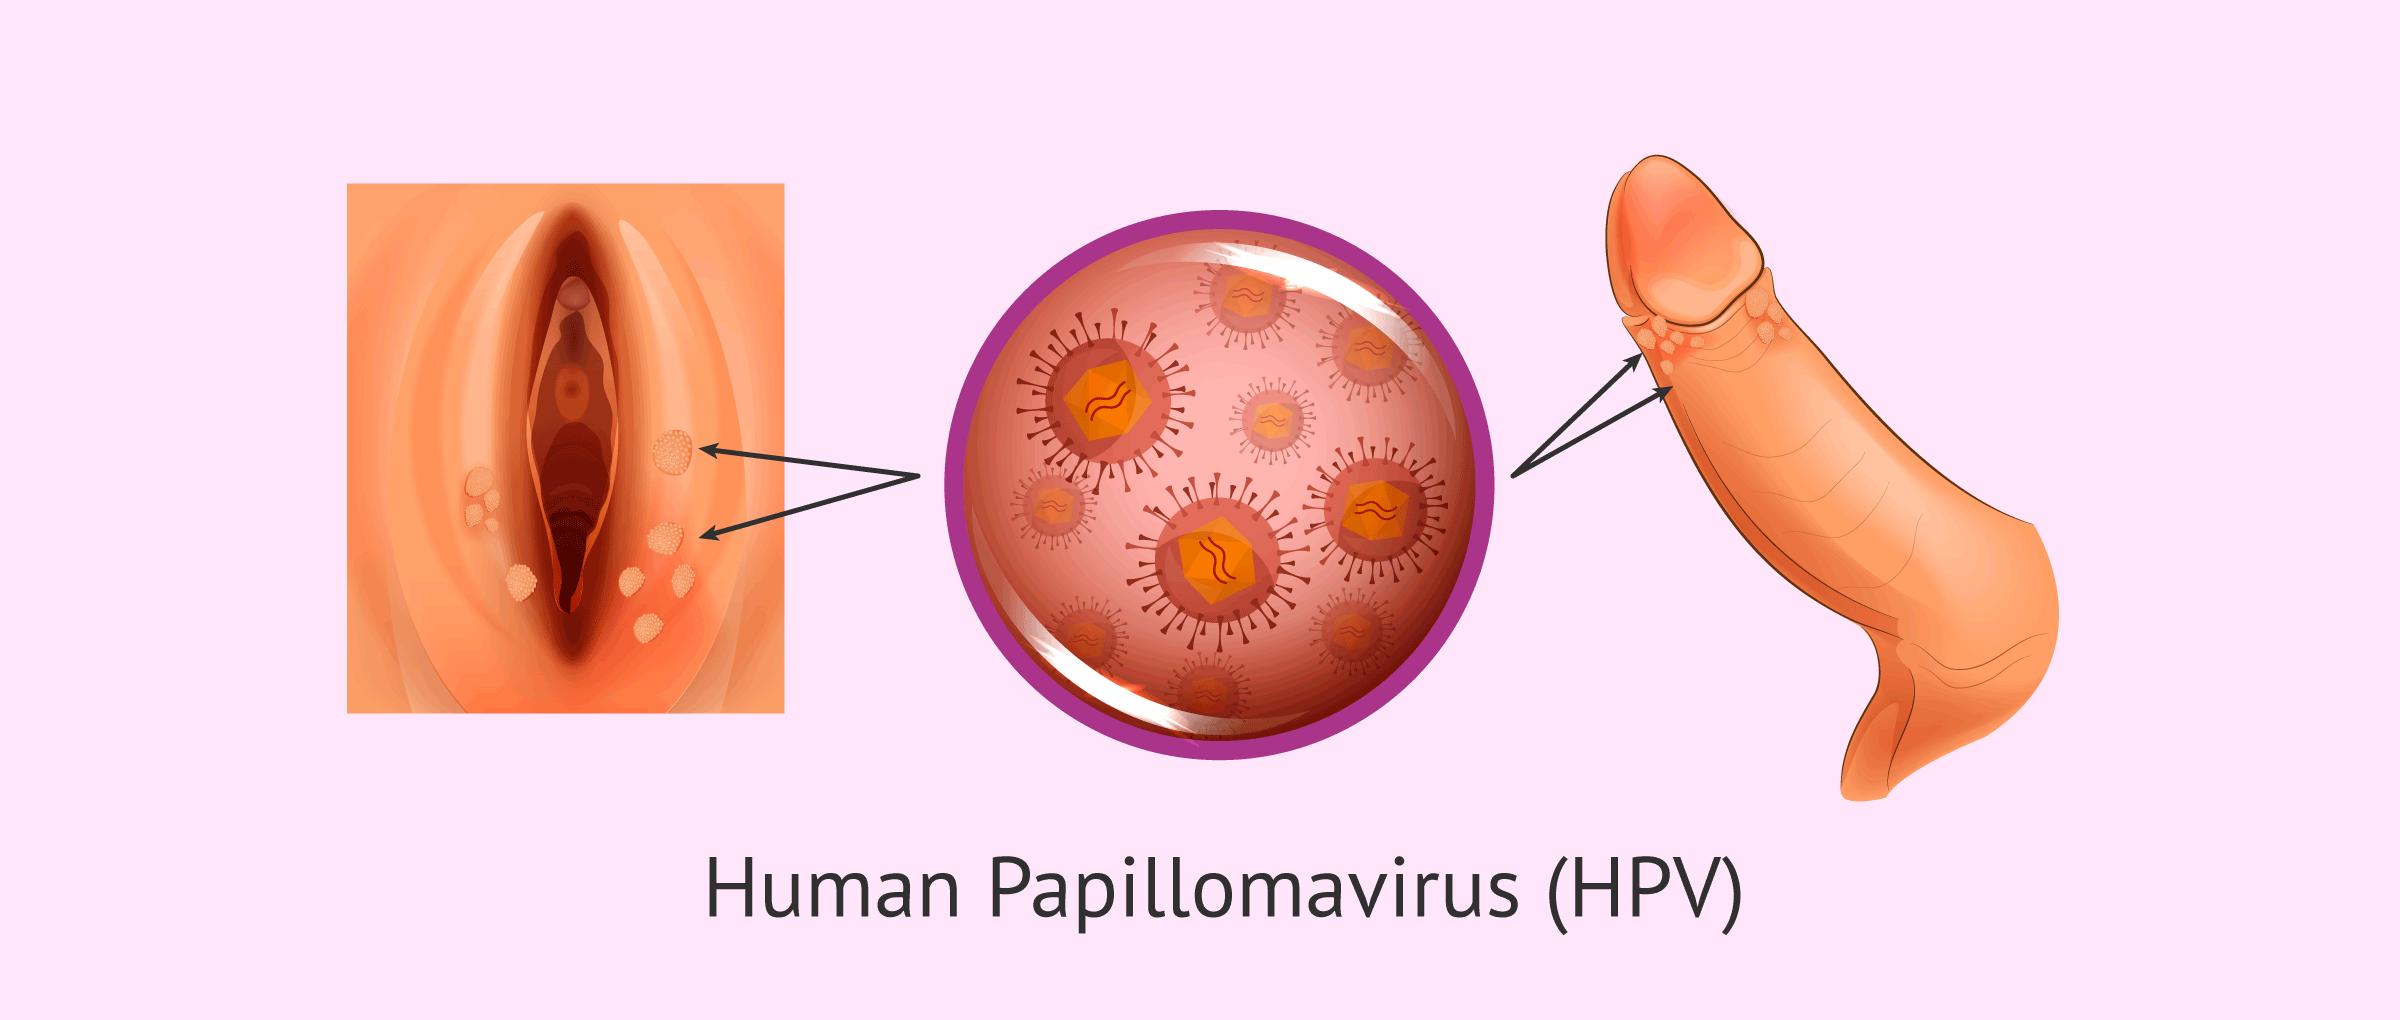 Does human papilloma virus make you tired